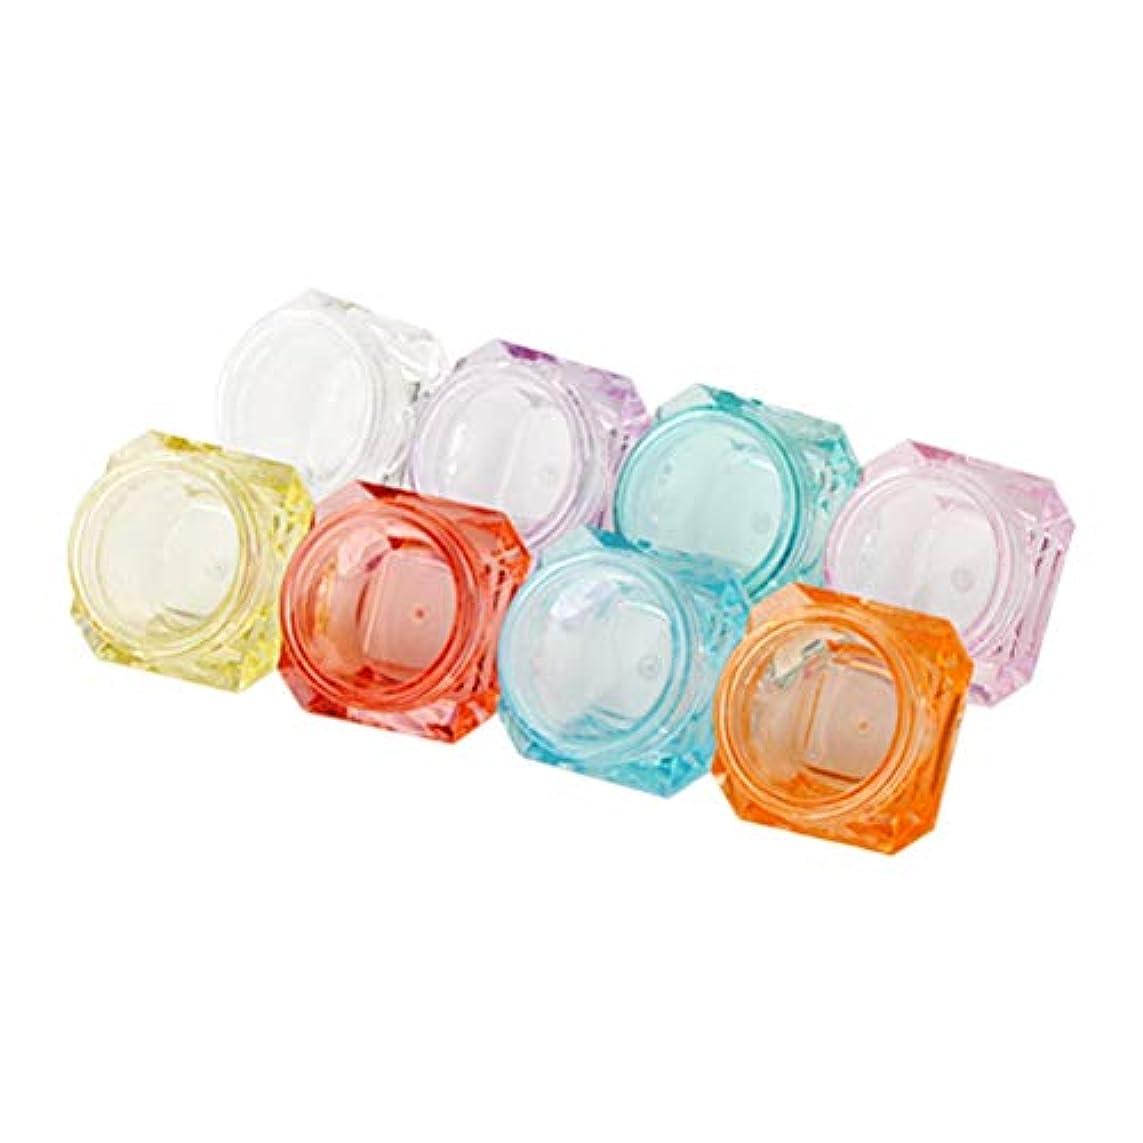 かかわらずライムソブリケットFrcolor 40ピース クリームケース 小分け プラスチックハート型化粧ポット 詰め替え容器 携帯用 旅行用品